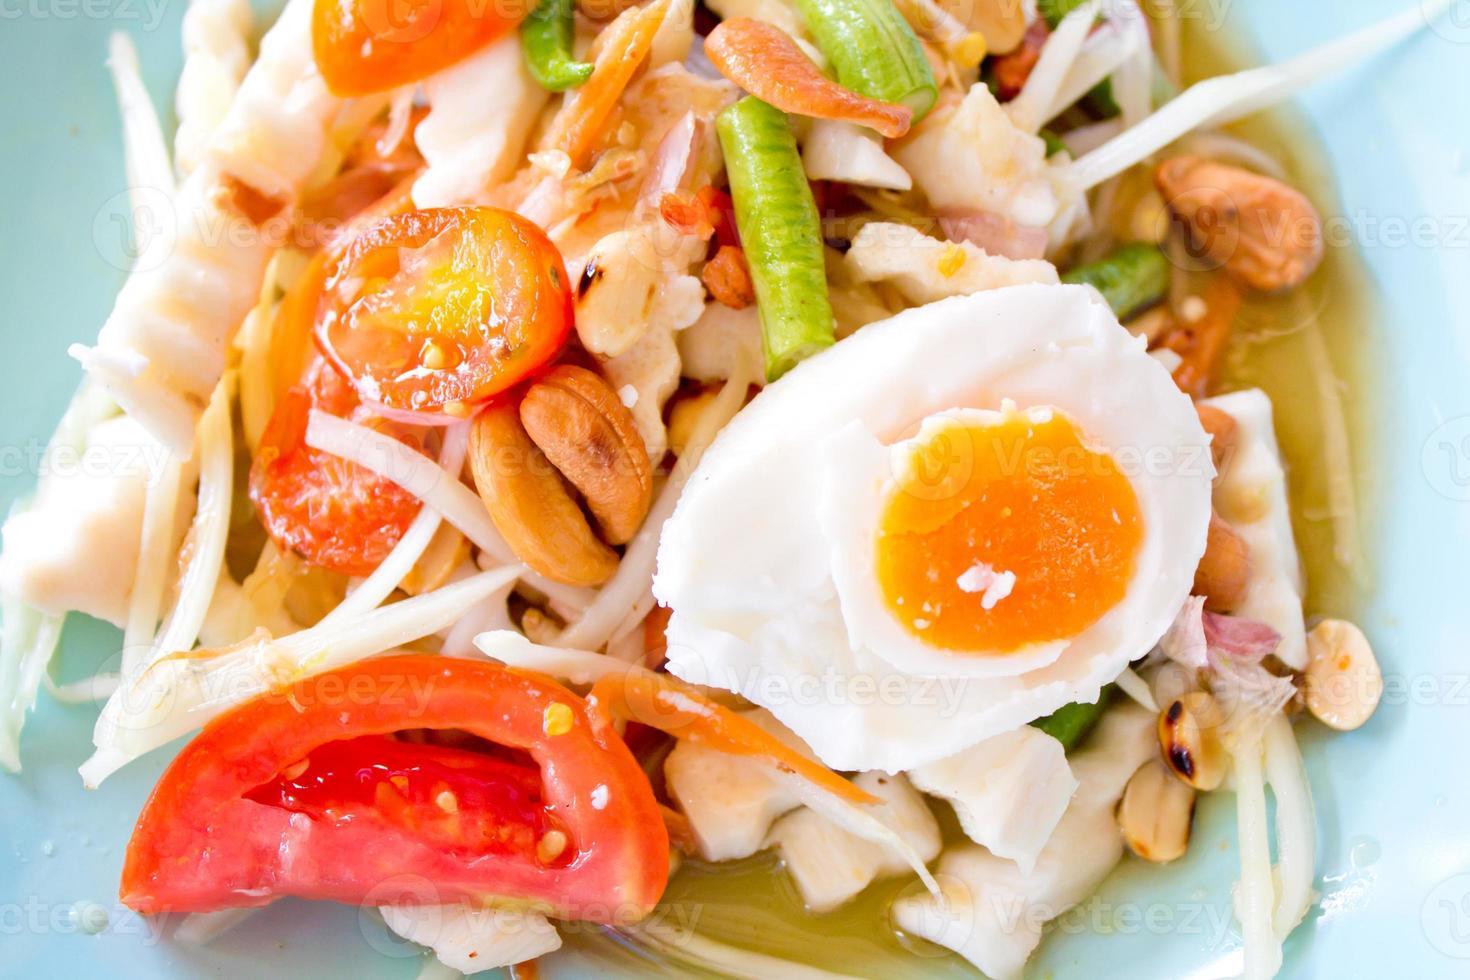 La ensalada de papaya (somtam) es una comida famosa en Tailandia foto